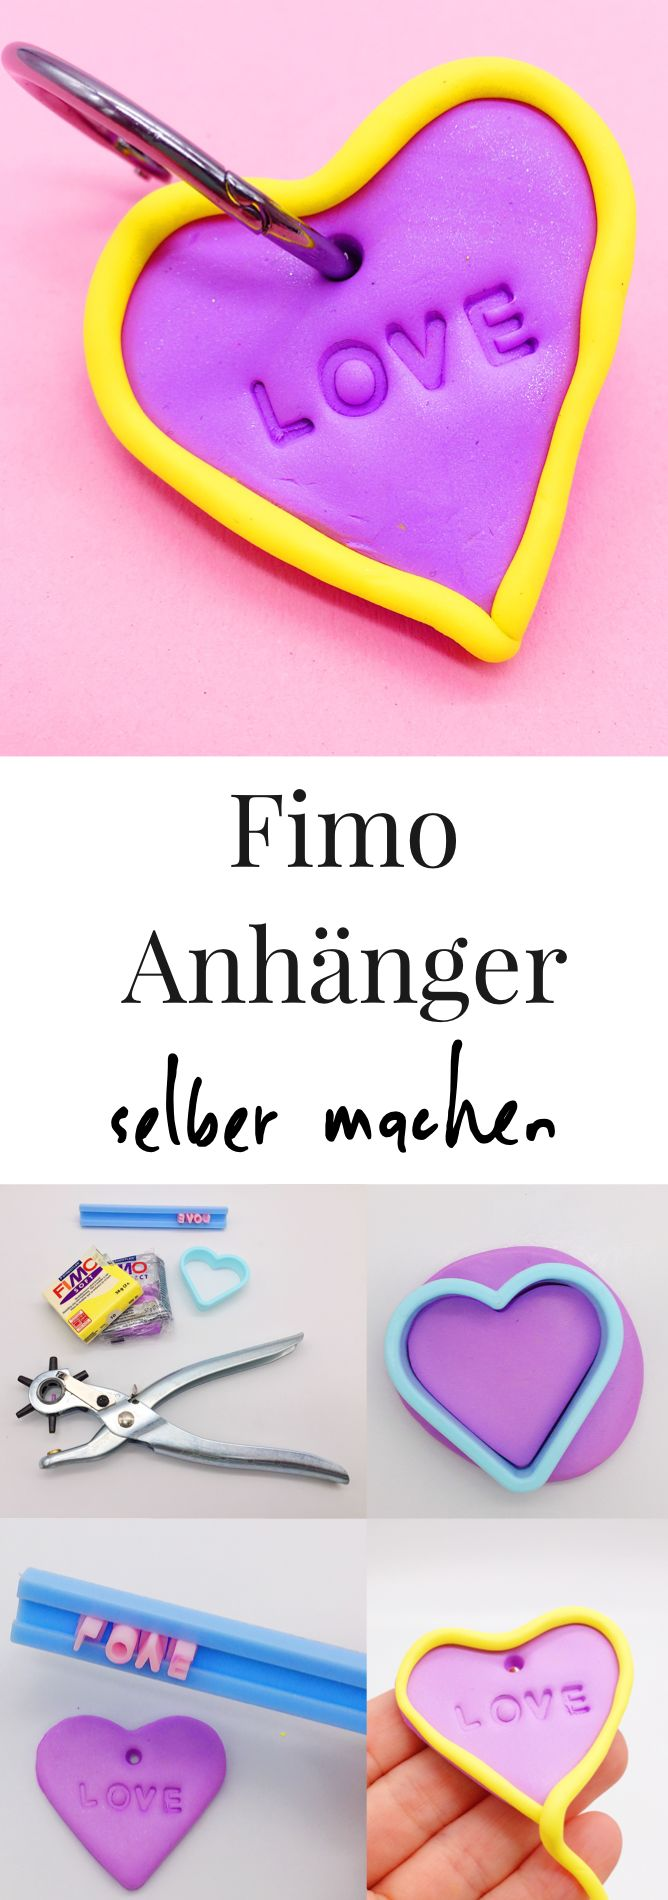 DIY Bastelideen mit Fimo. So einfach könnt Ihr Euch schöne DIY Ideen selber machen. Einfache Anleitung für das Basteln von Fimo Schmuck. Auch für Kinder geeignet.